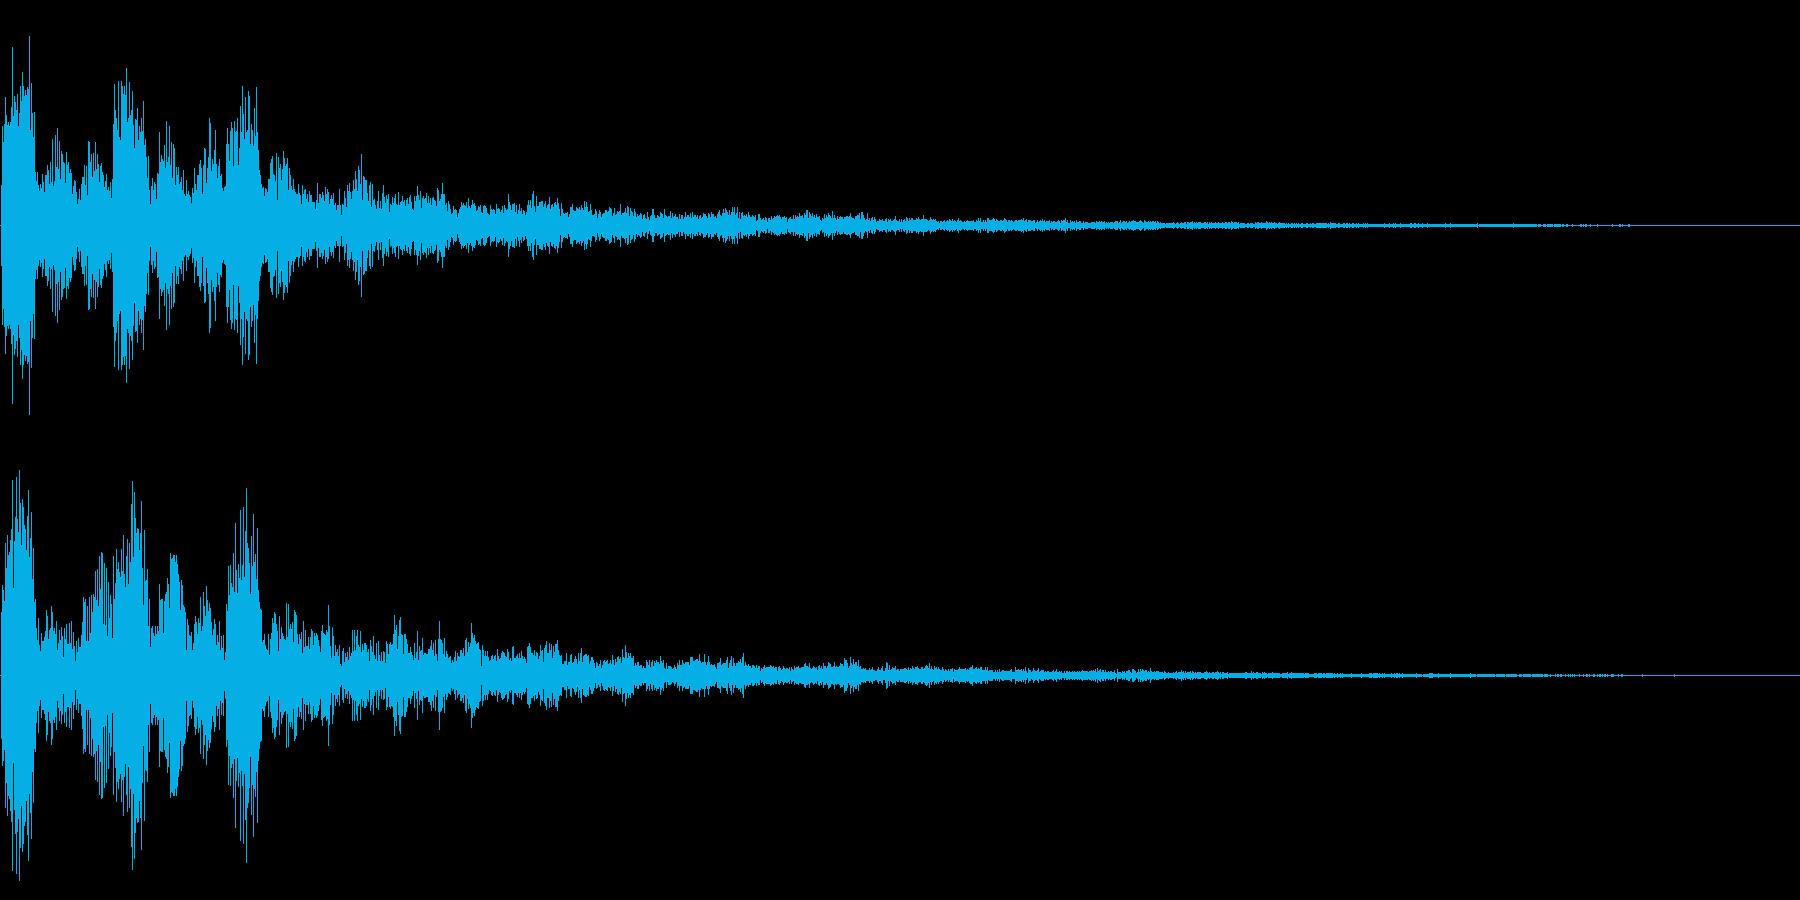 未来的・決定・空気感・取得16の再生済みの波形